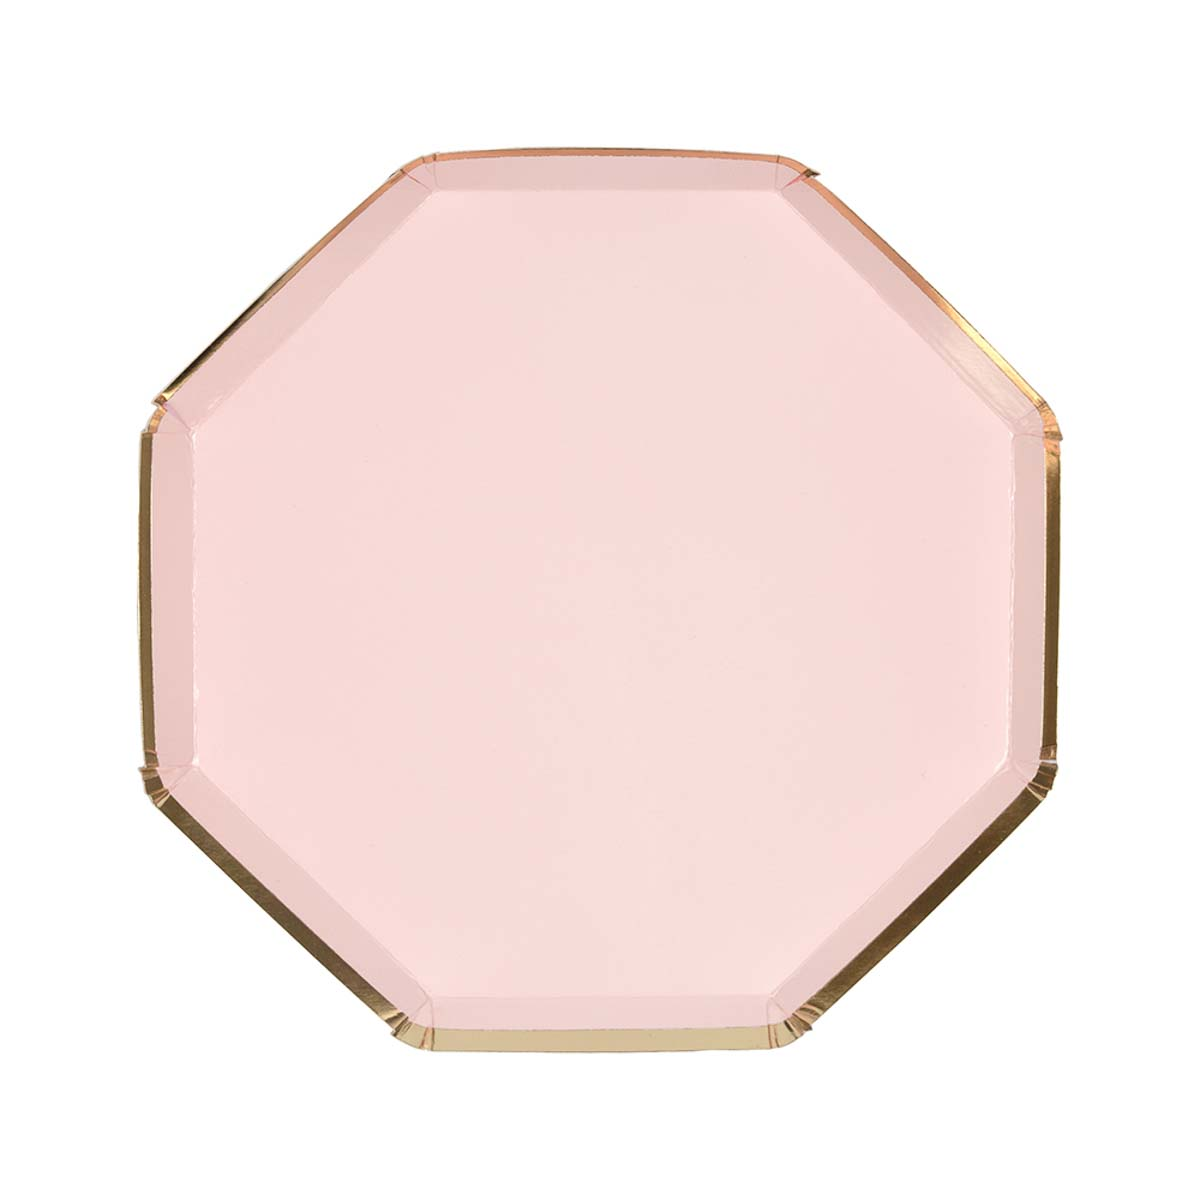 Piatti piccoli Pale Pink